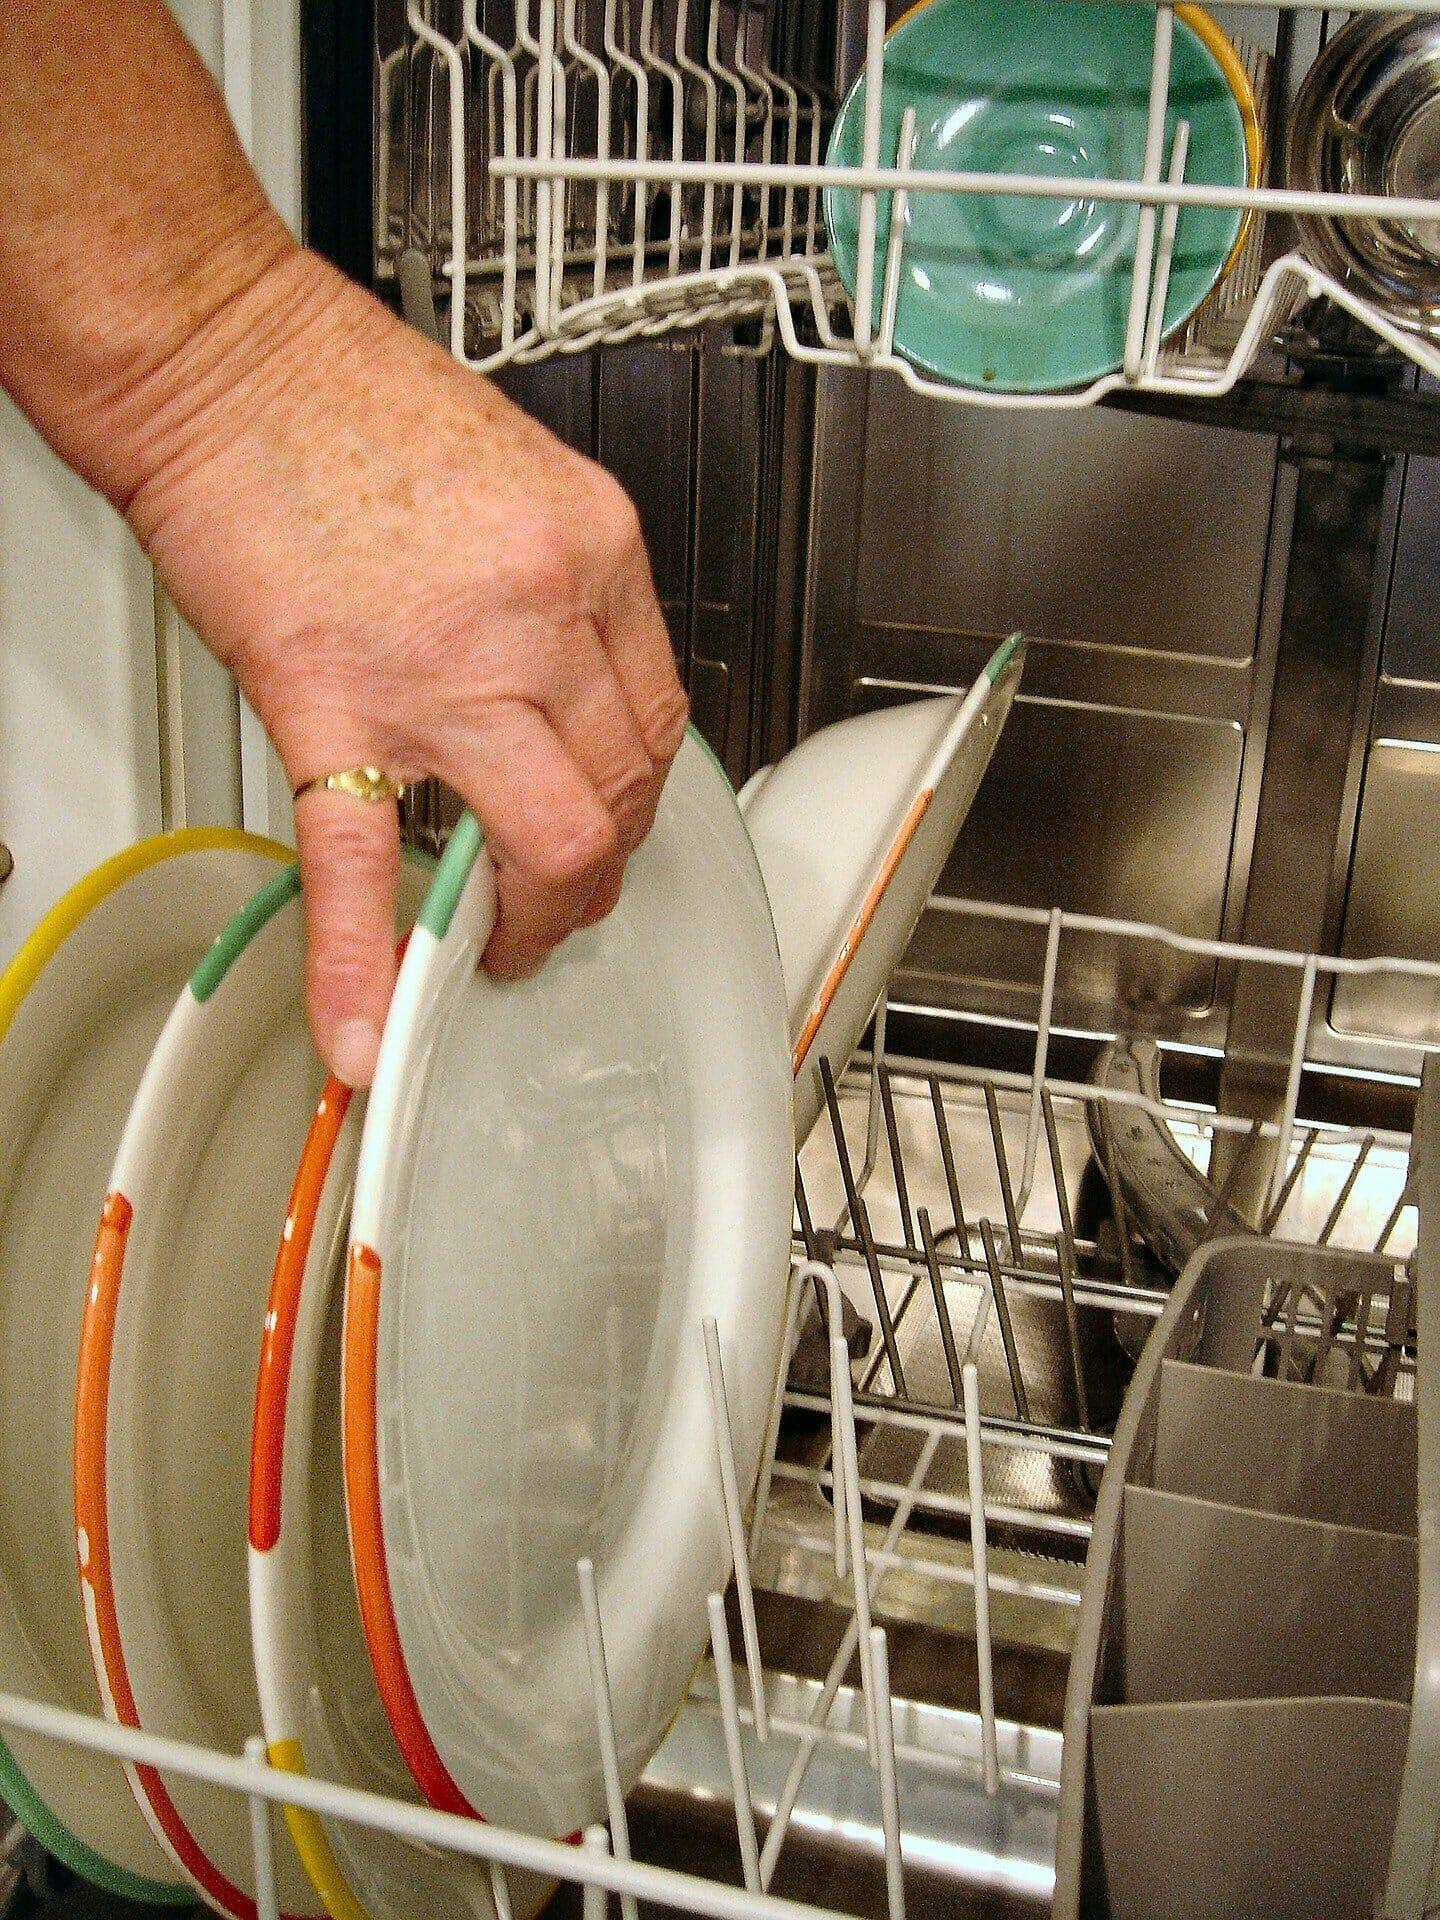 Dishwasher with Garbage Disposal